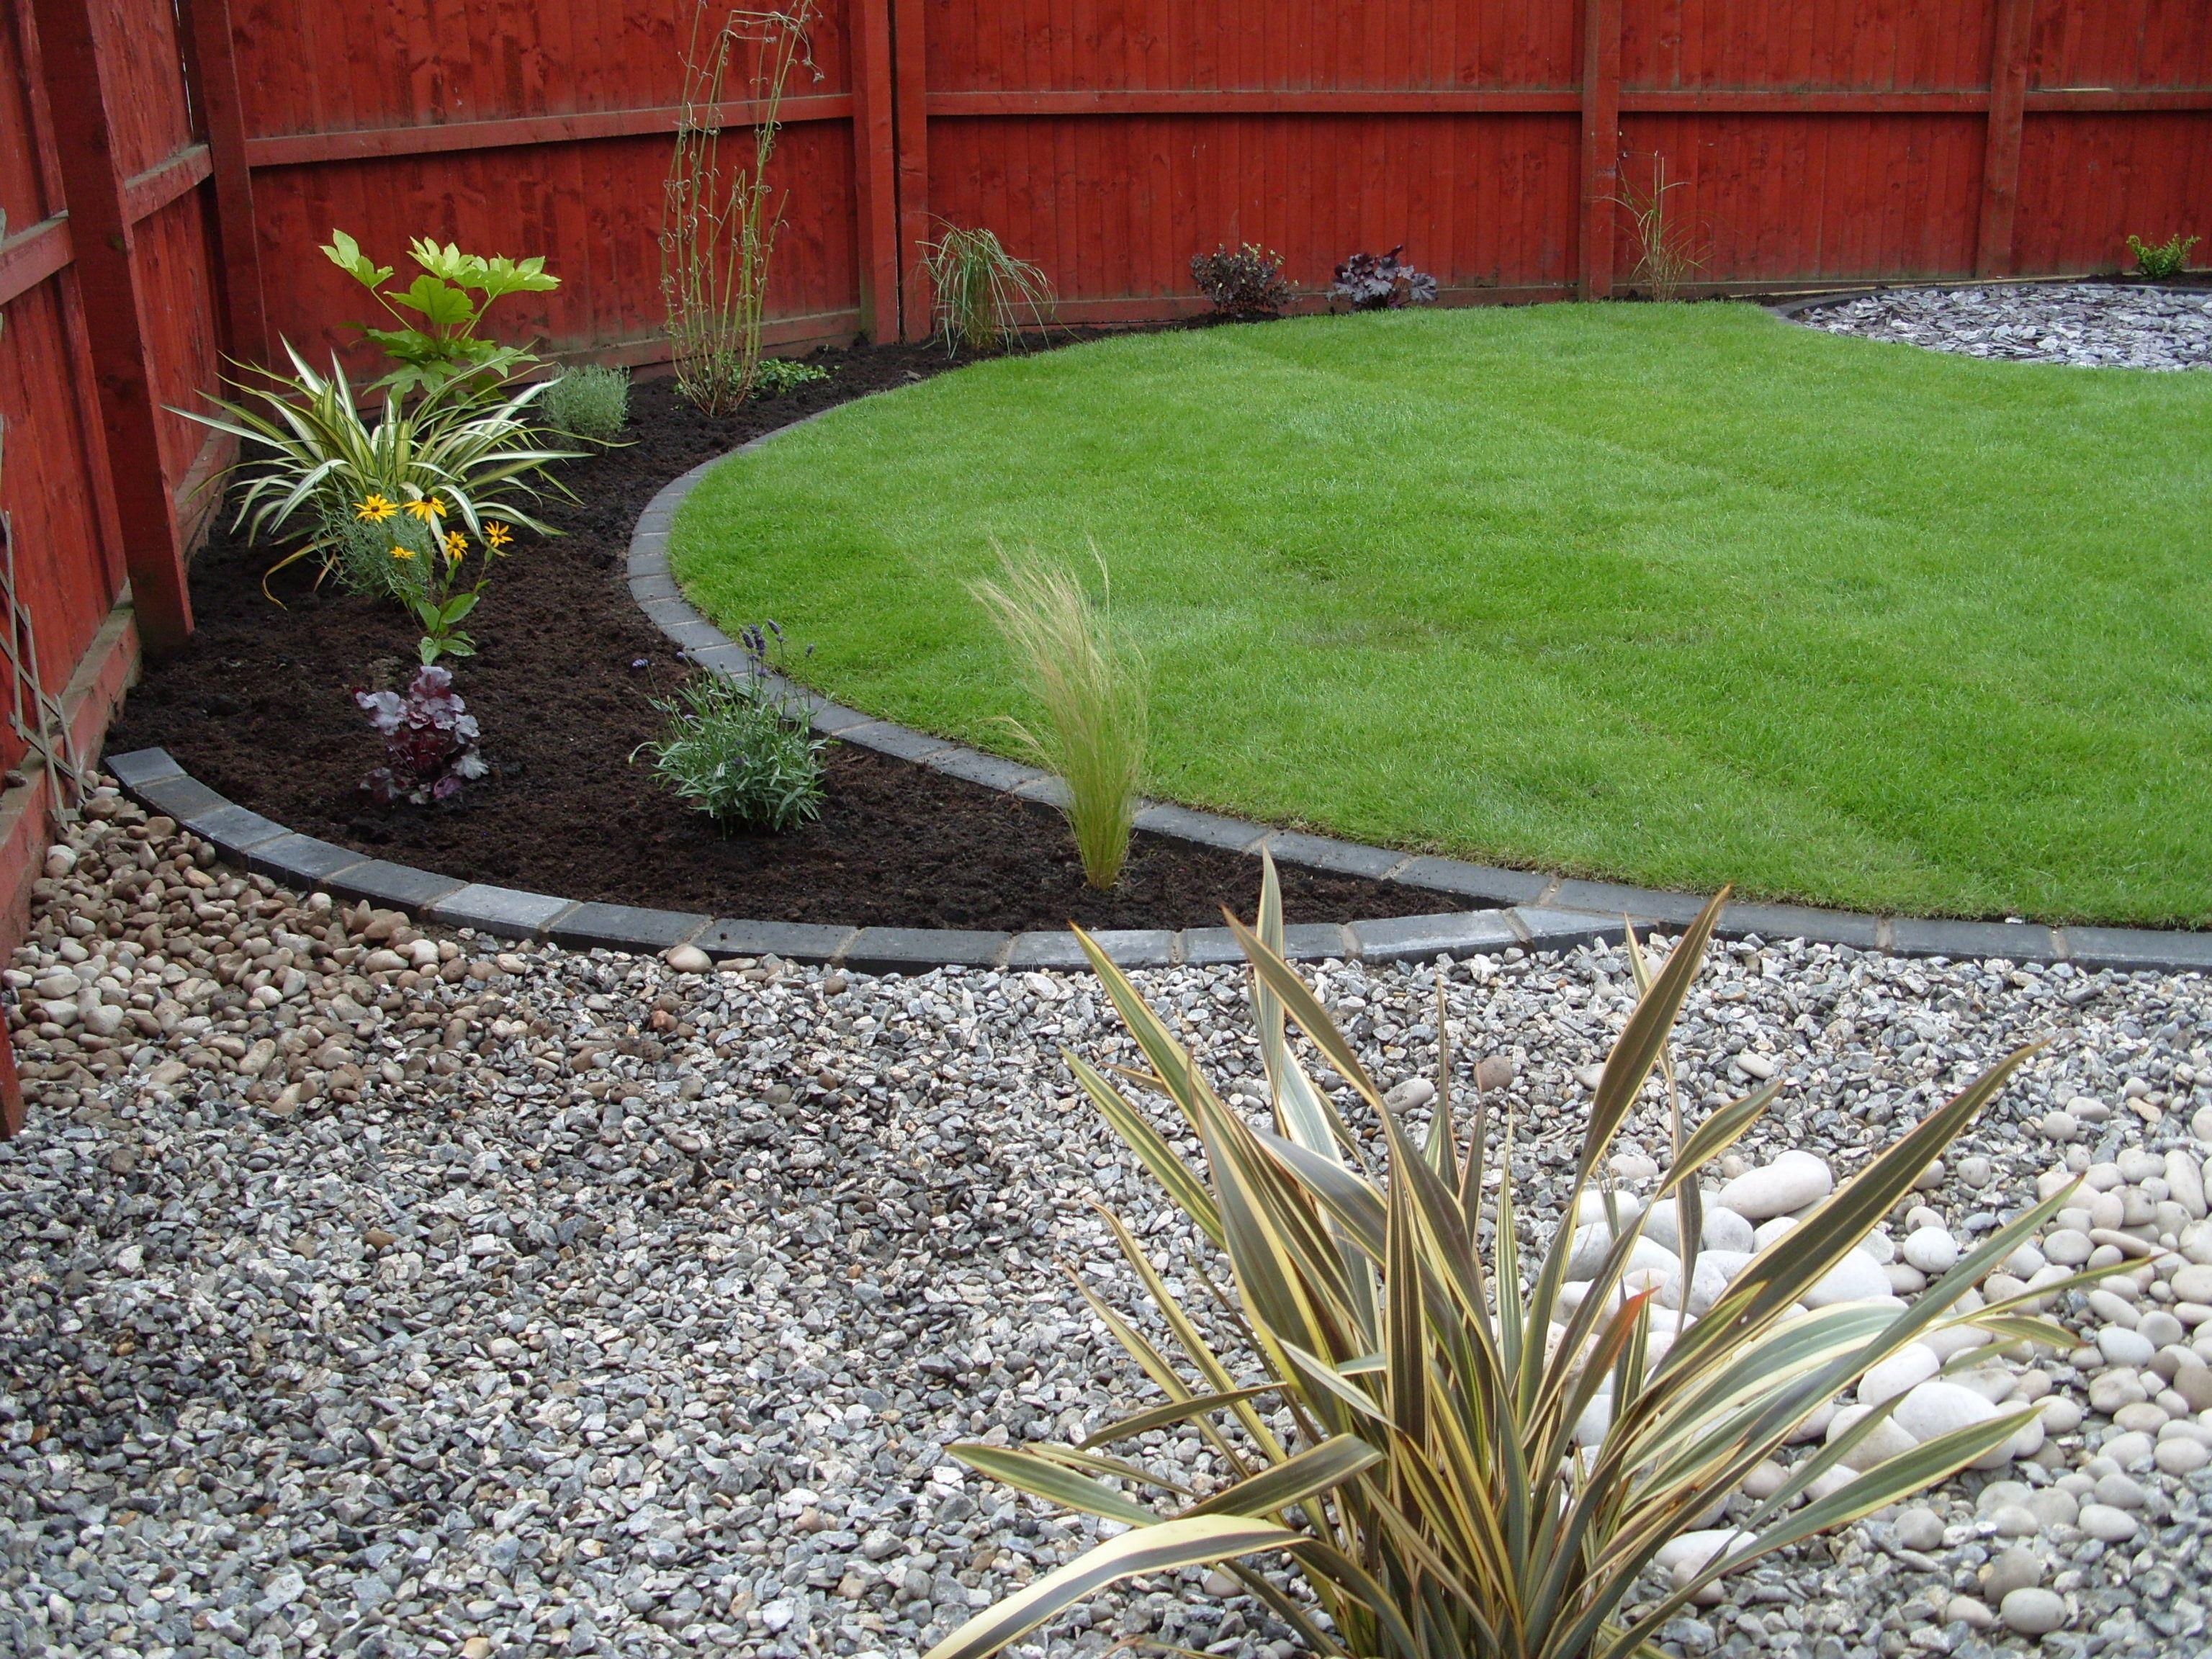 Snygg markering mellan gräsmatta och rabatt med sten, tycker om den ...